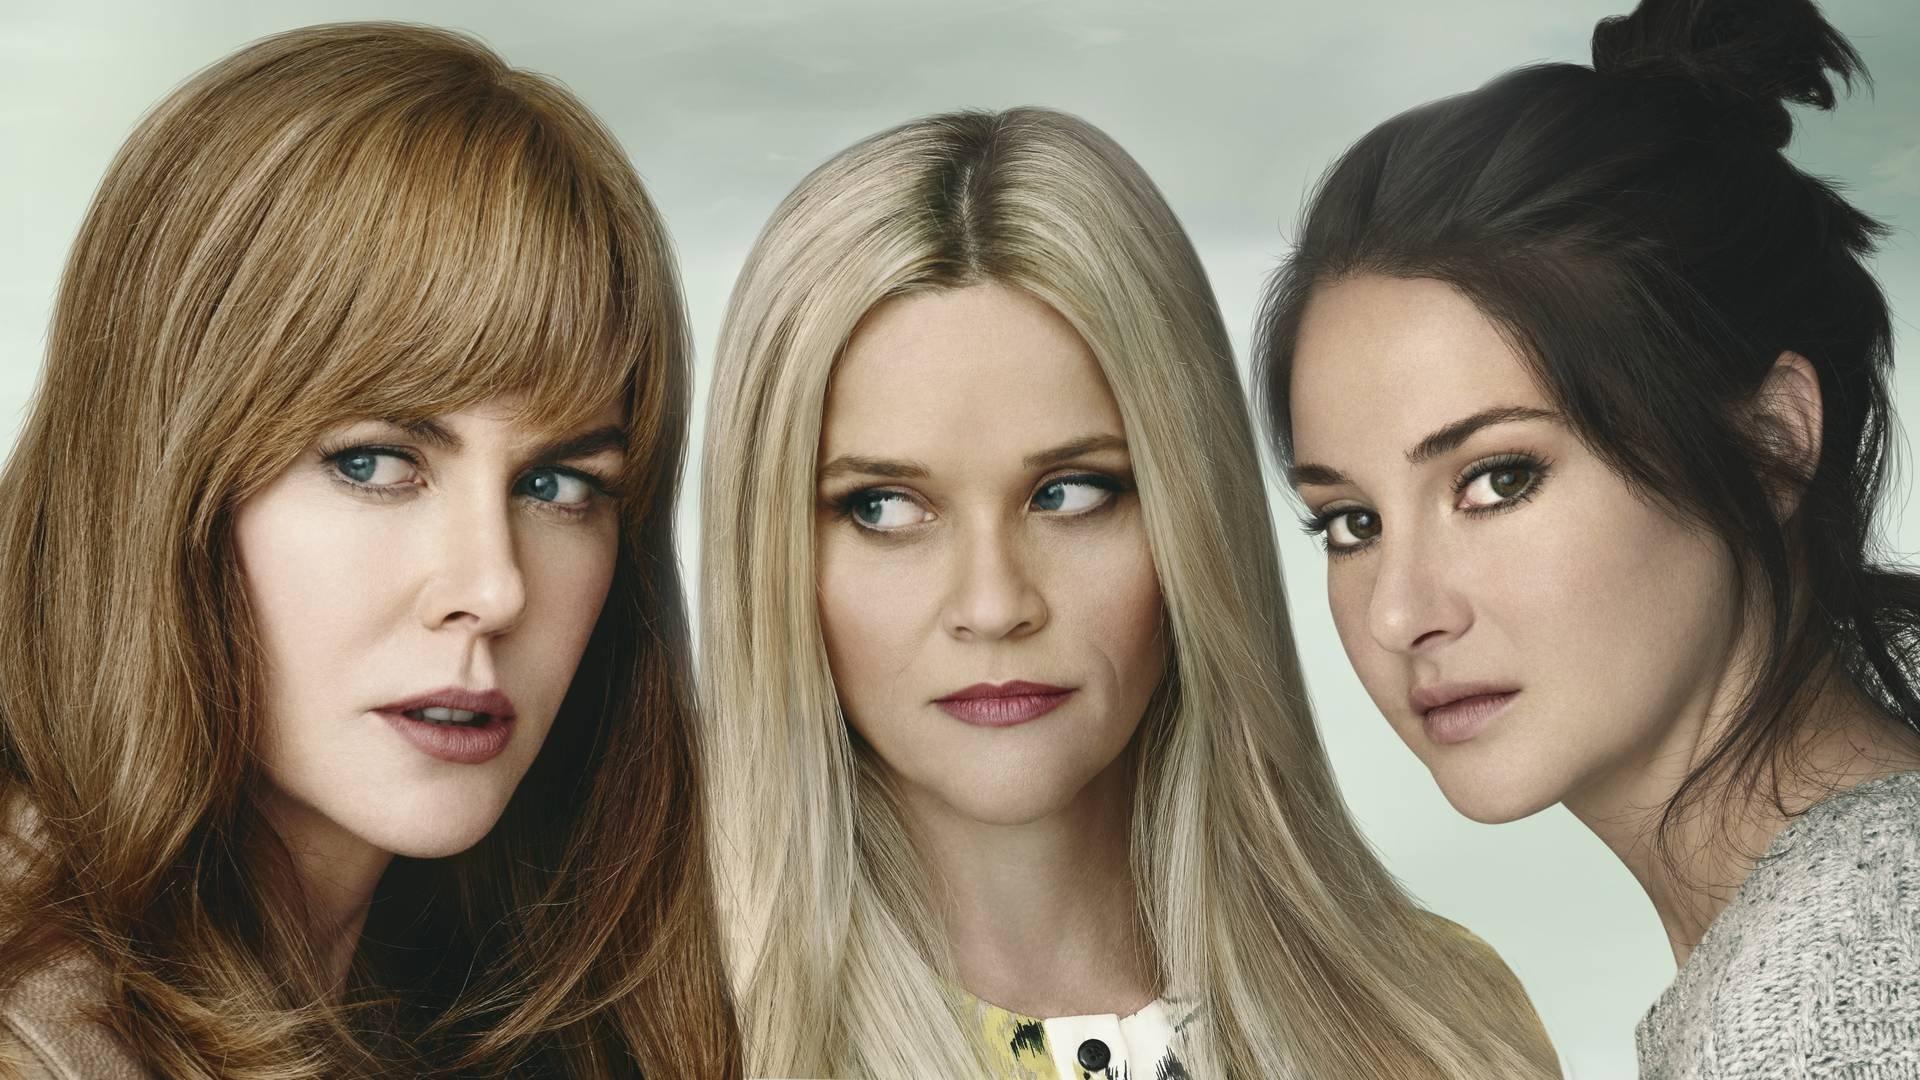 Новые женские сериалы, которые нельзя пропустить